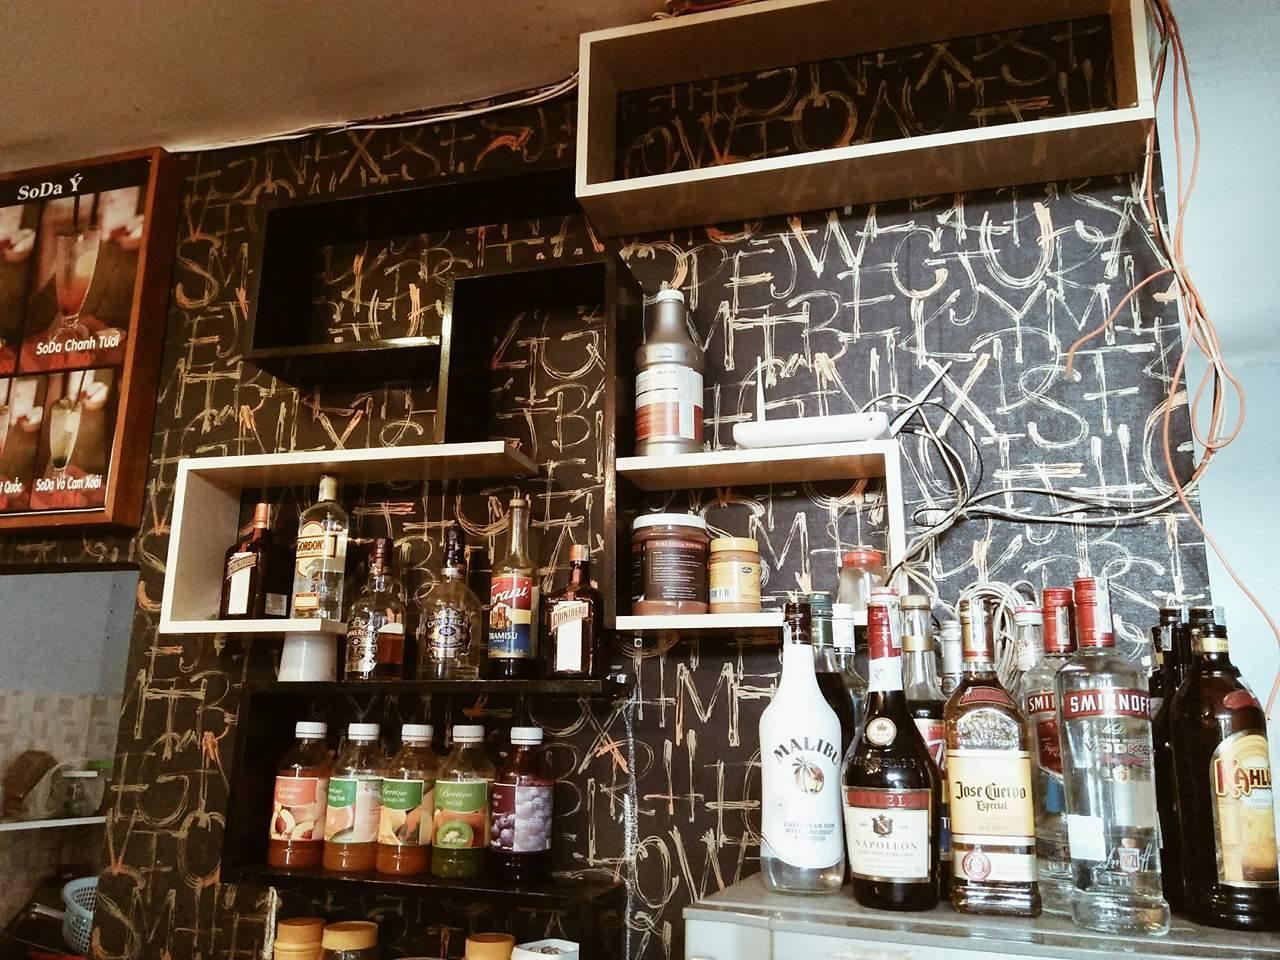 Quầy đồ uống đa dạng tại một trong những quán pub ở Tuy Hòa nổi bậc nhất